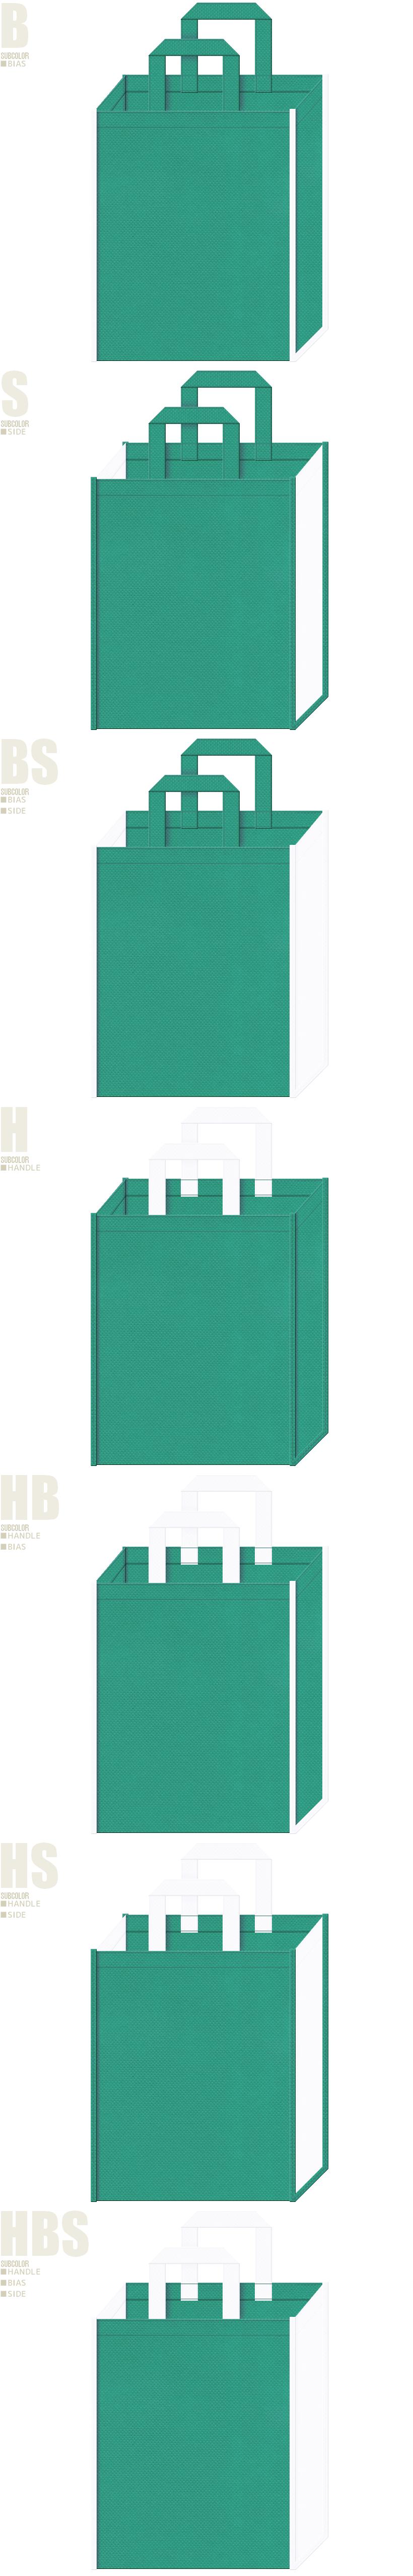 青緑色と白色、7パターンの不織布トートバッグ配色デザイン例。掃除・洗濯・クリーニング用品の展示会用バッグにお奨めです。